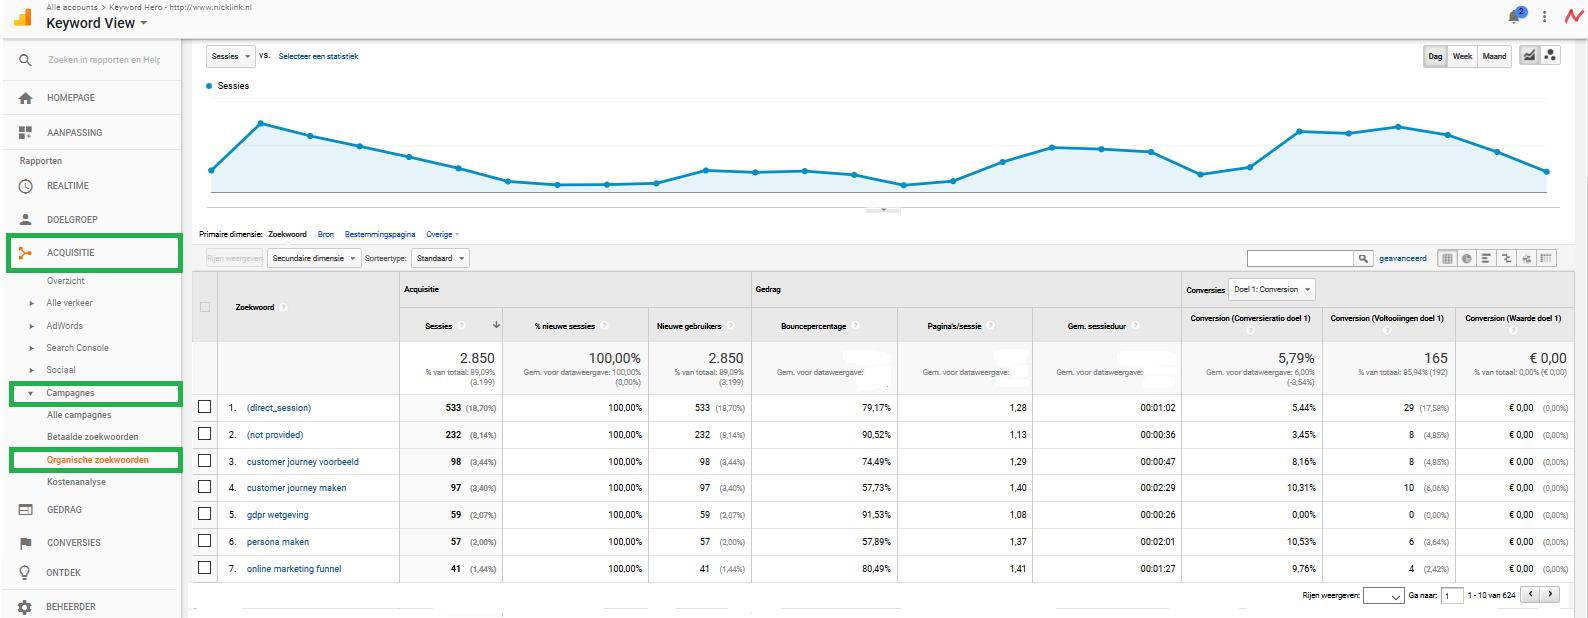 Voorbeeld overzichtspagina in Google Analytics met zoekwoorden Keyword Hero